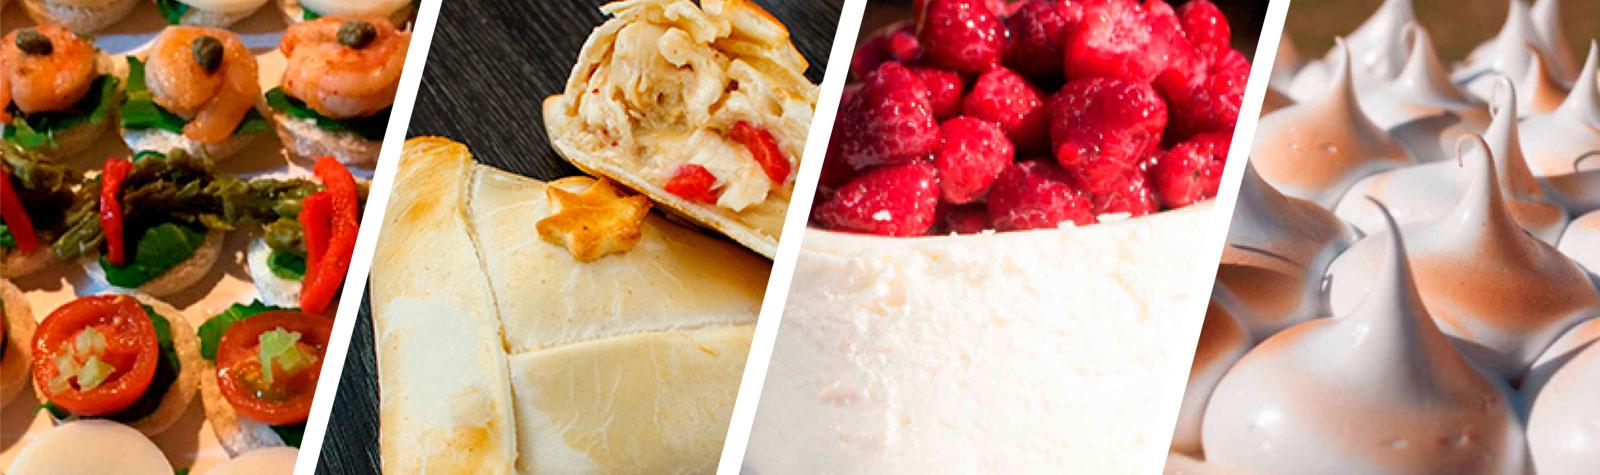 Empanadas y postres de Las Hermanas: El almuerzo perfecto del fin de semana